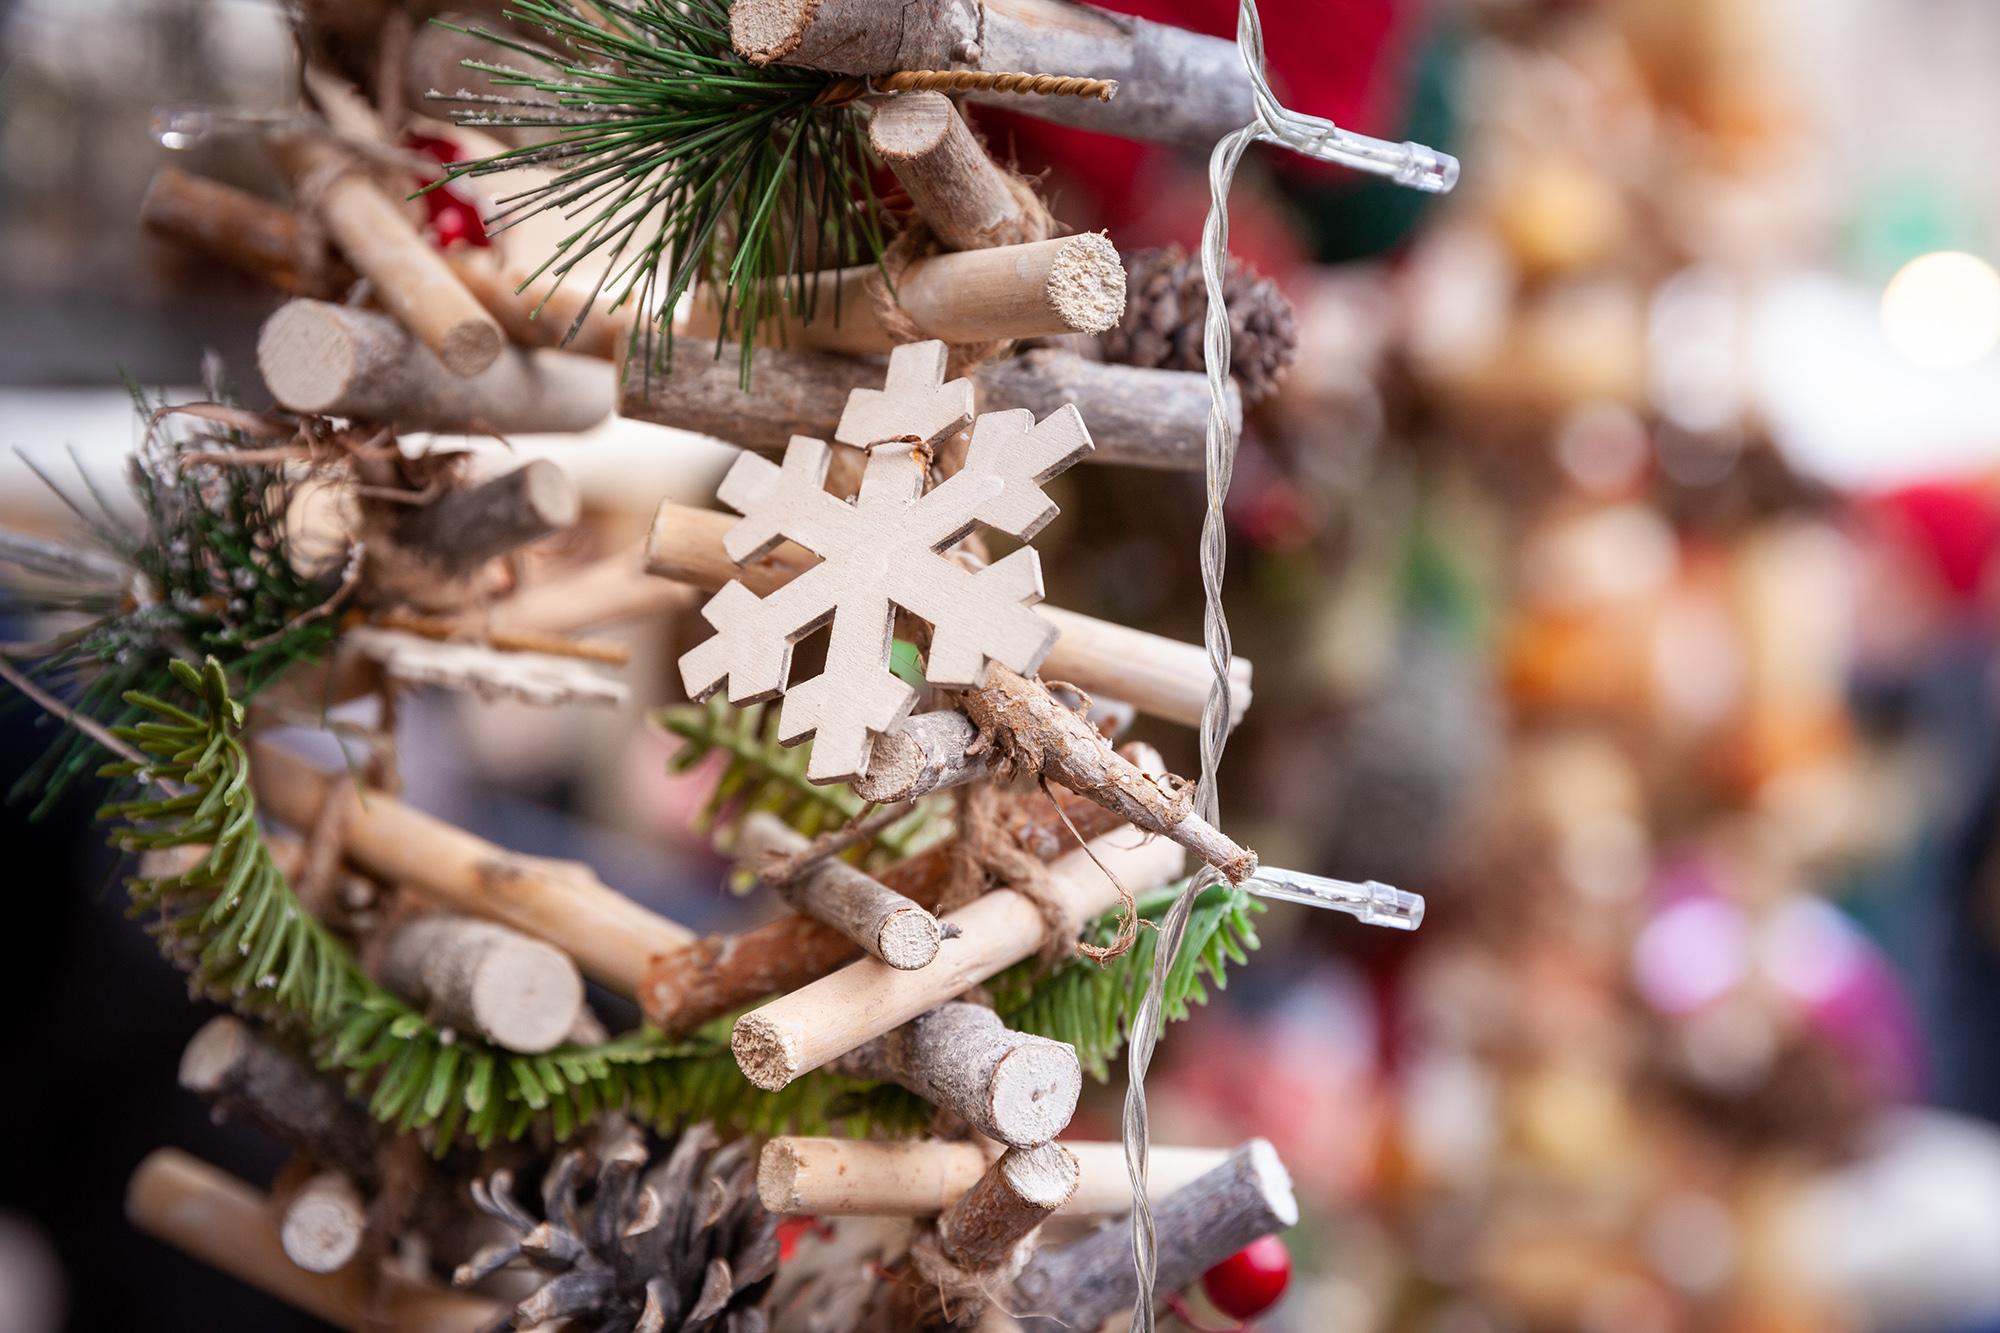 Natale in viaggio - Fratelli Giacomel - Merano